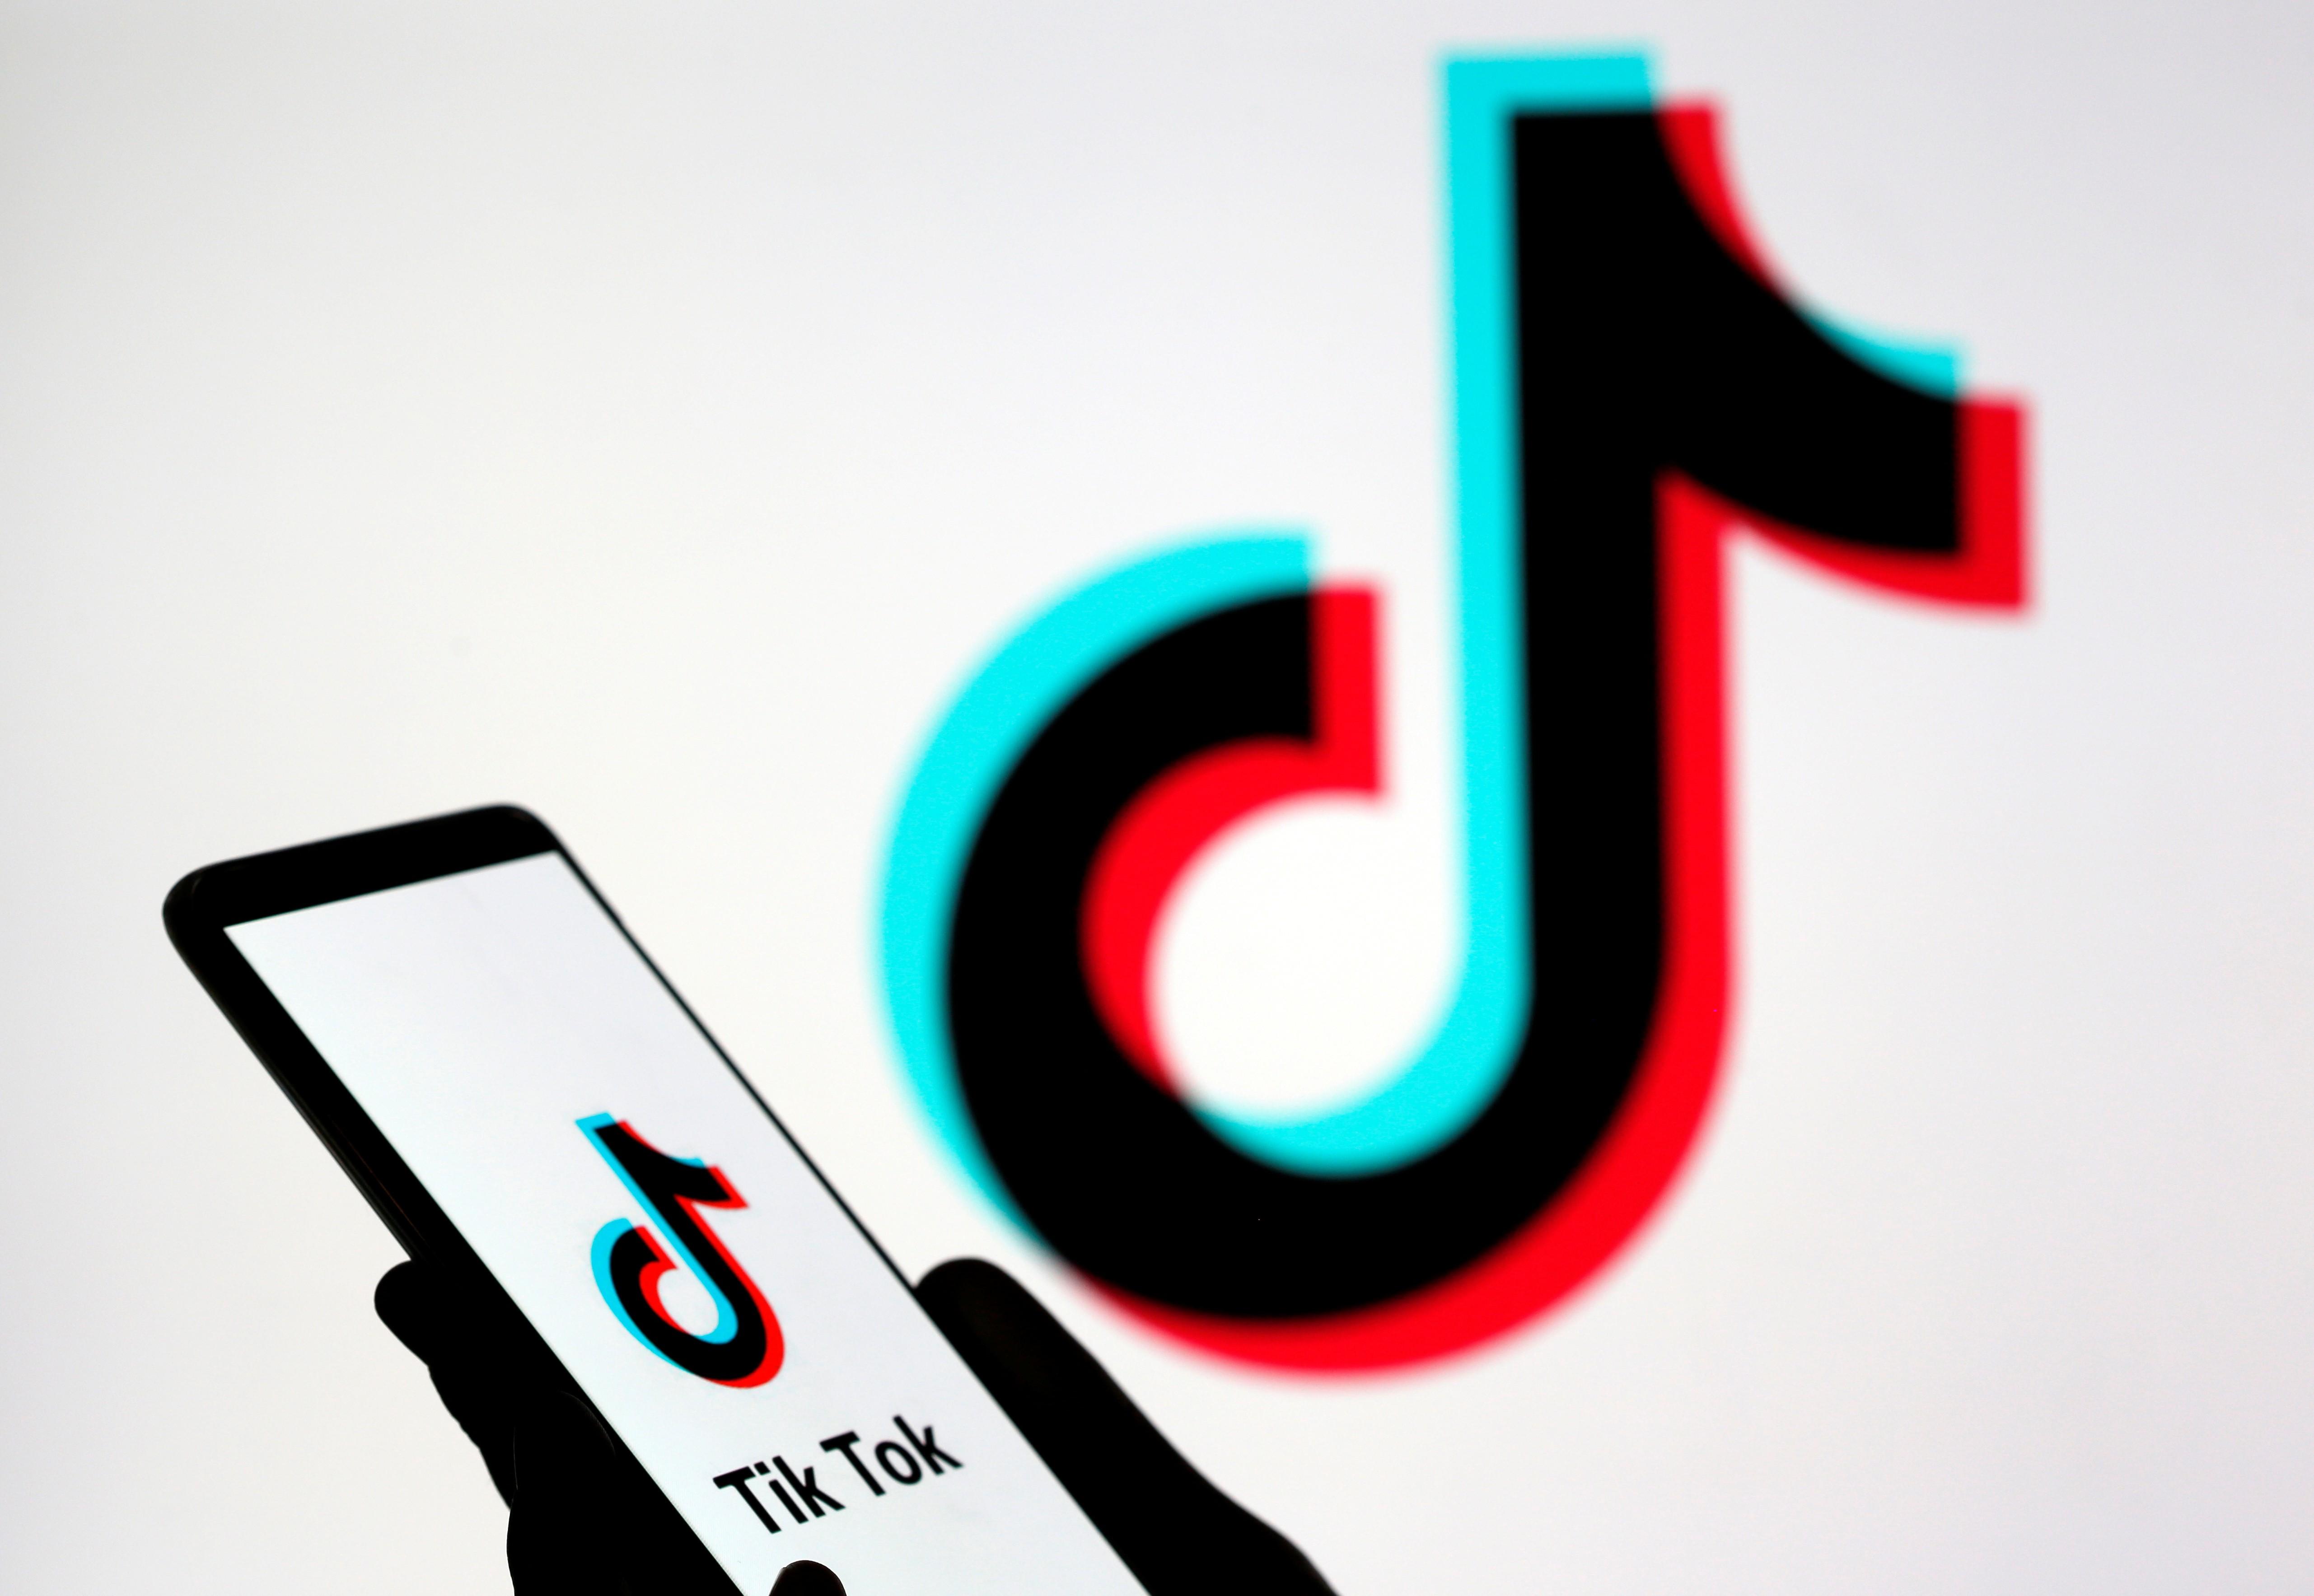 Grupos de defesa da privacidade dizem que TikTok violou regras sobre coleta de informações de crianças